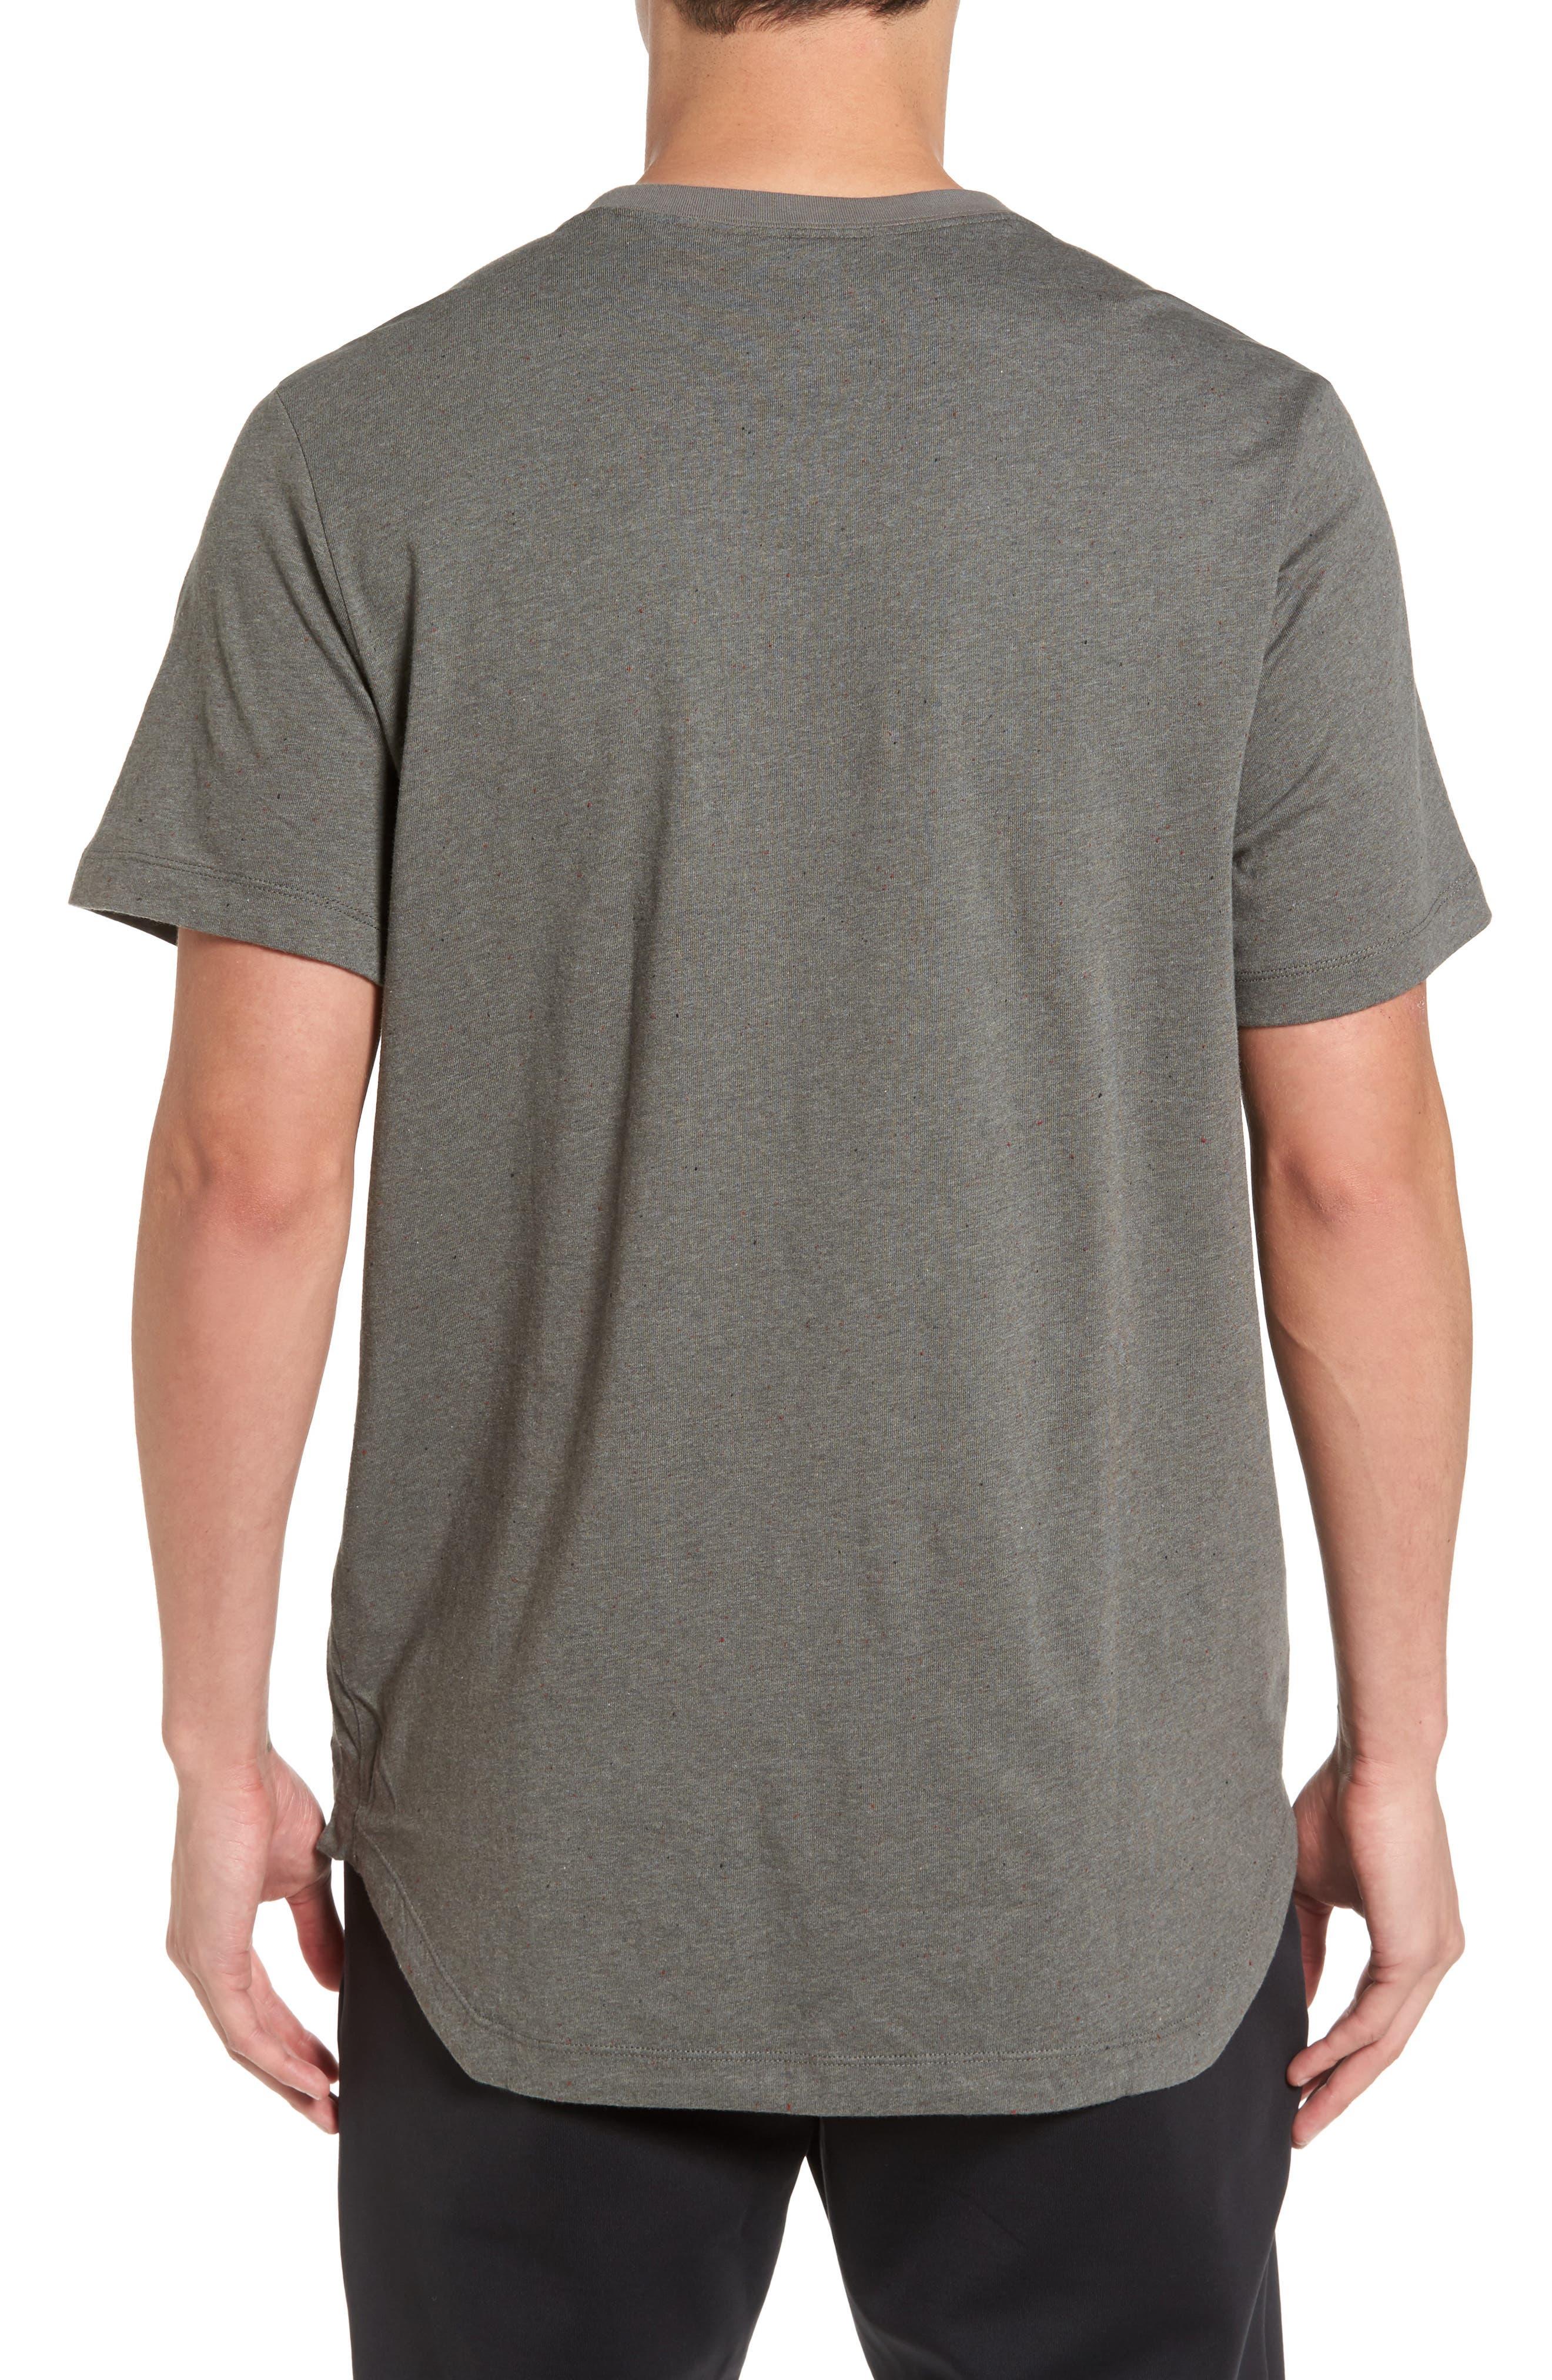 Future 2 T-Shirt,                             Alternate thumbnail 2, color,                             White/ Black